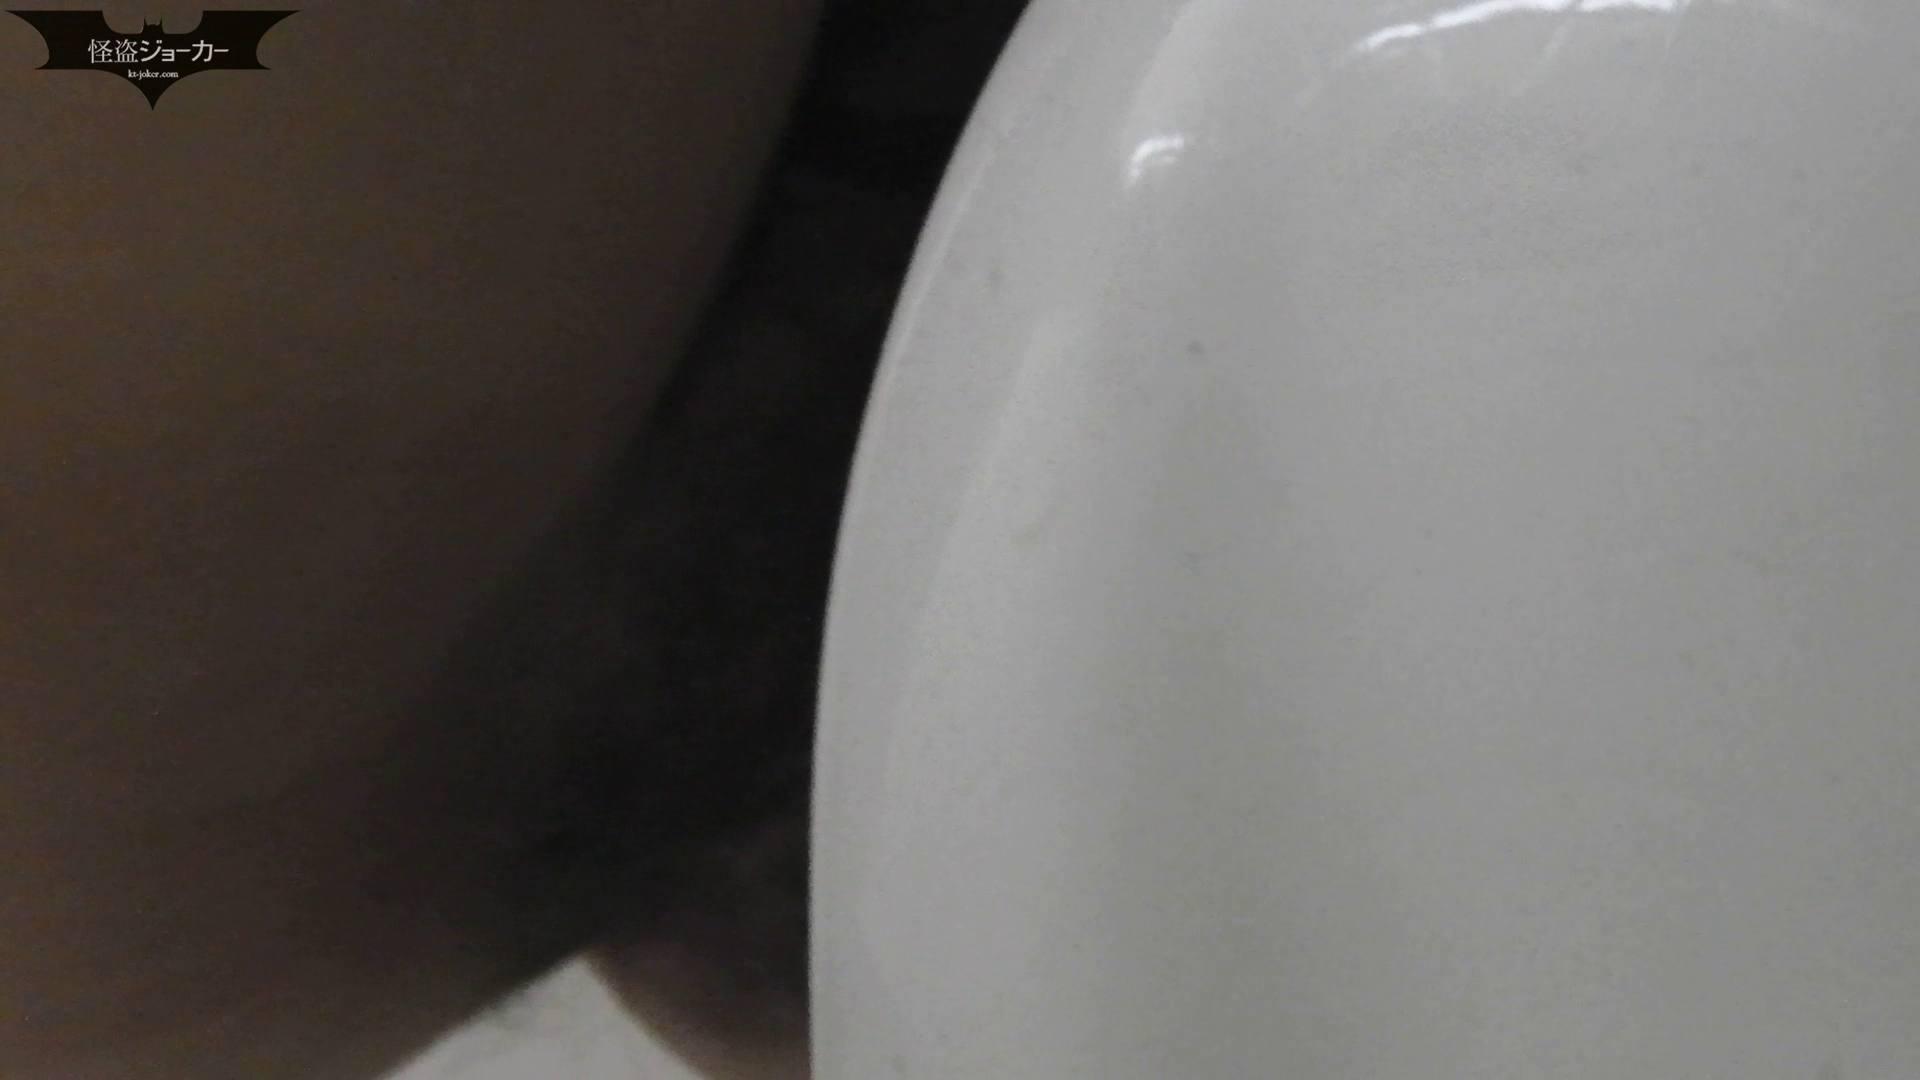 洗面所特攻隊 vol.047 モリモリ、ふきふきにスーパーズーム! 盛合せ | 高画質  113画像 86